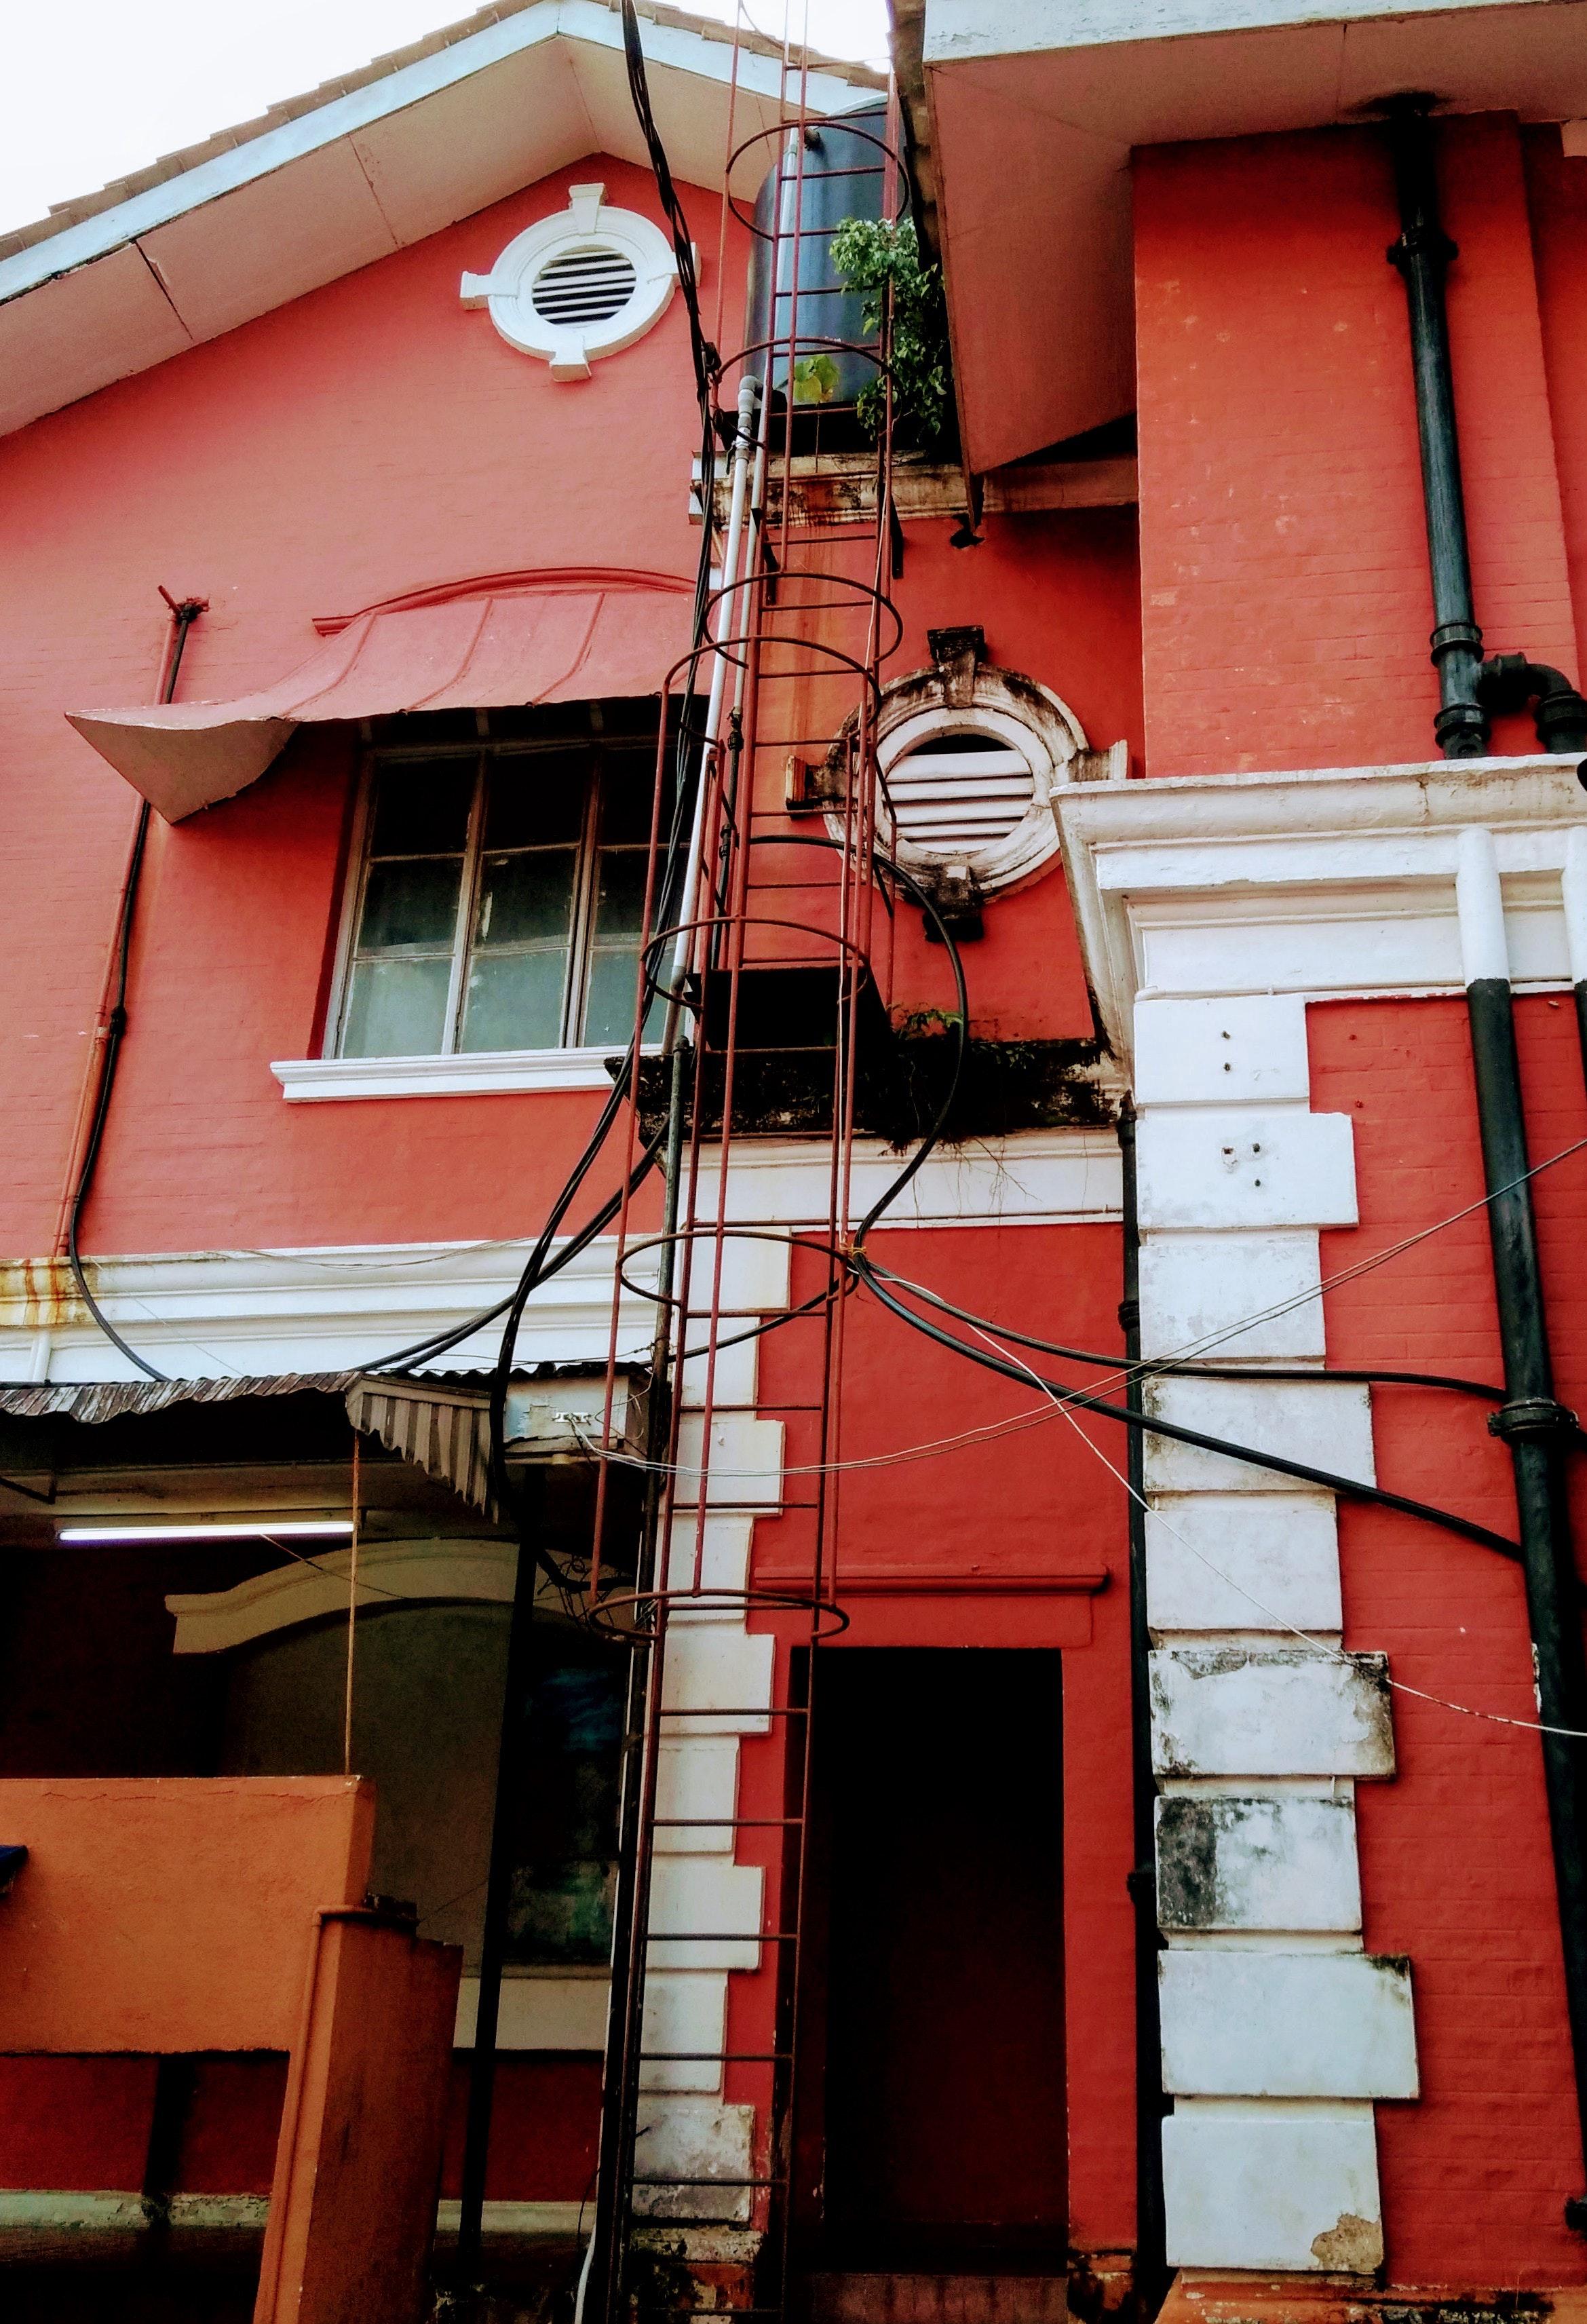 Couleur Exterieur Maison Contemporaine images gratuites : architecture, couleurs, lumière du jour